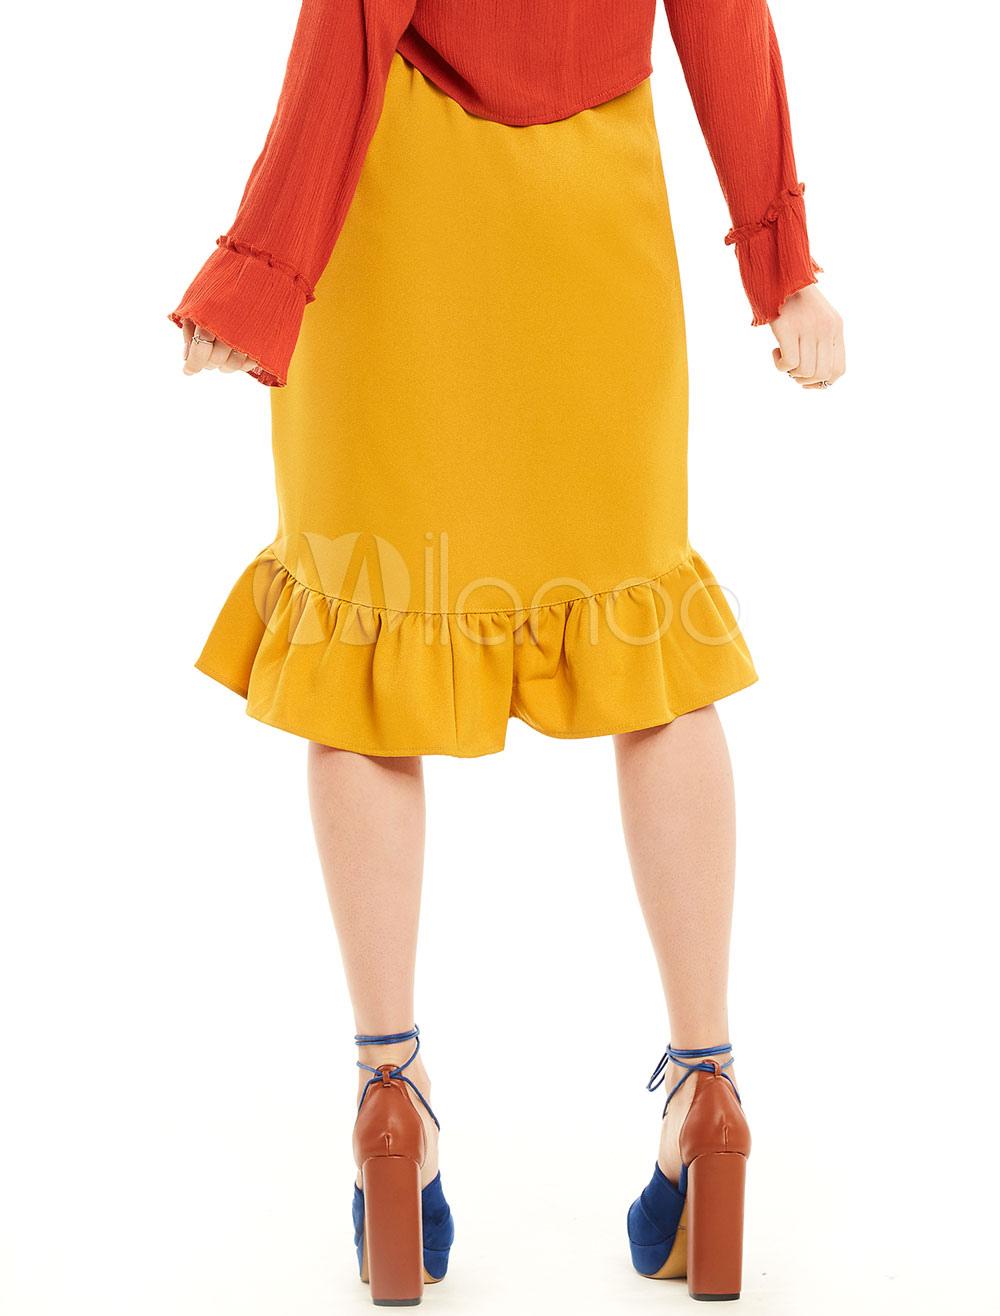 blouissante jupe mode en coton m lang jaune color block coupe asym trique volants. Black Bedroom Furniture Sets. Home Design Ideas